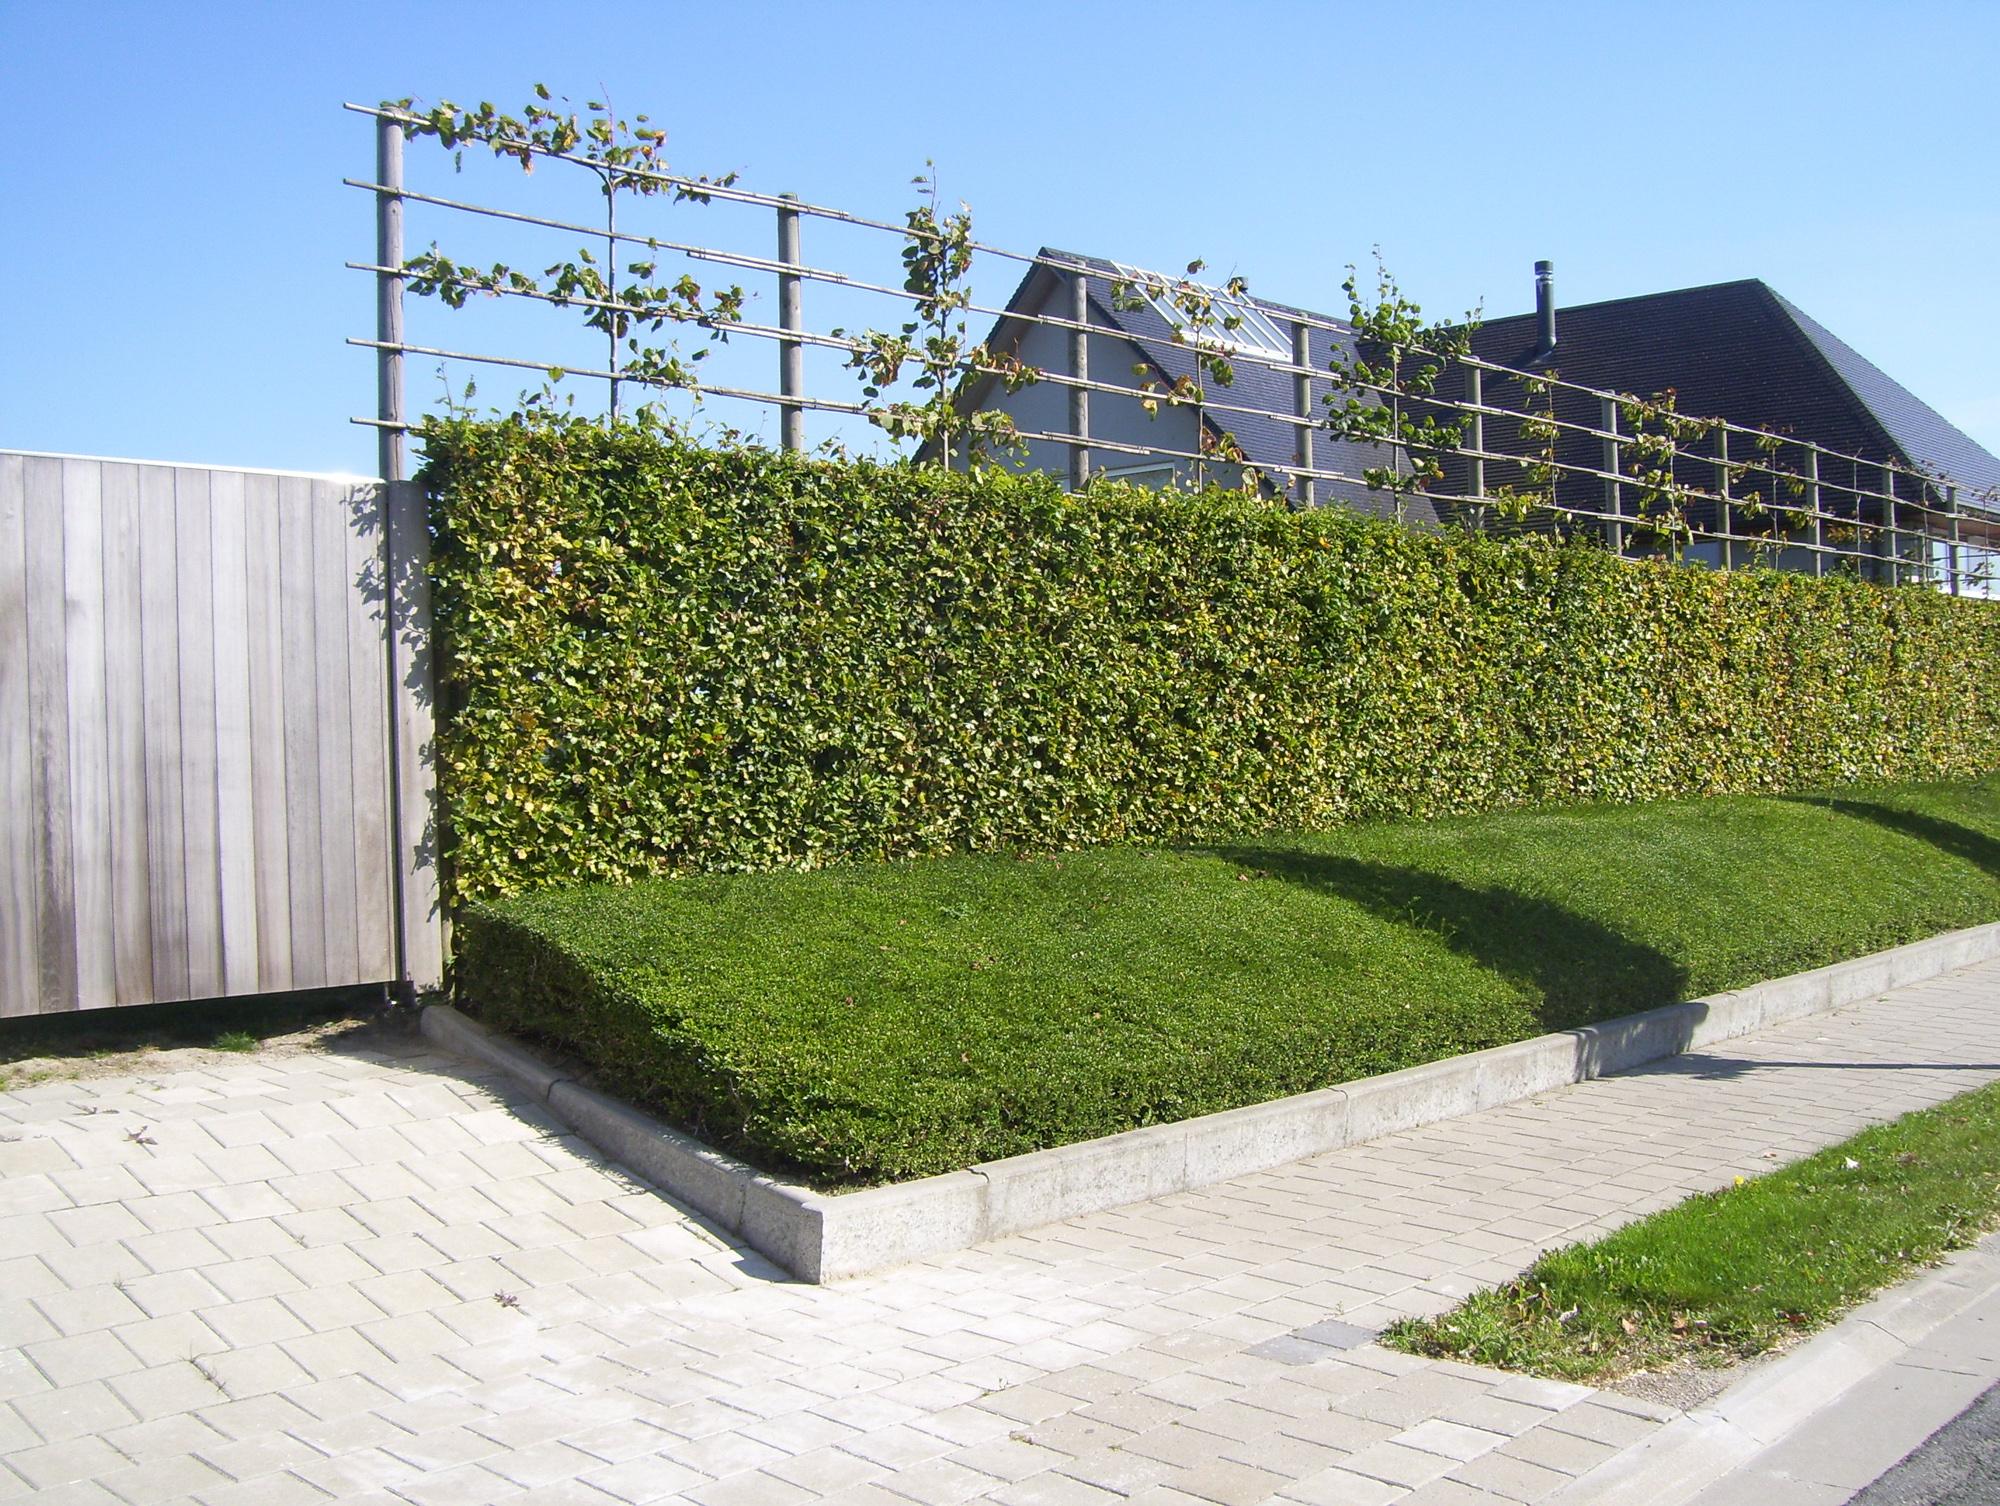 Tuin Hagen Soorten : Haagplanten kopen voor uw tuin assortiment hagen tuincentrum